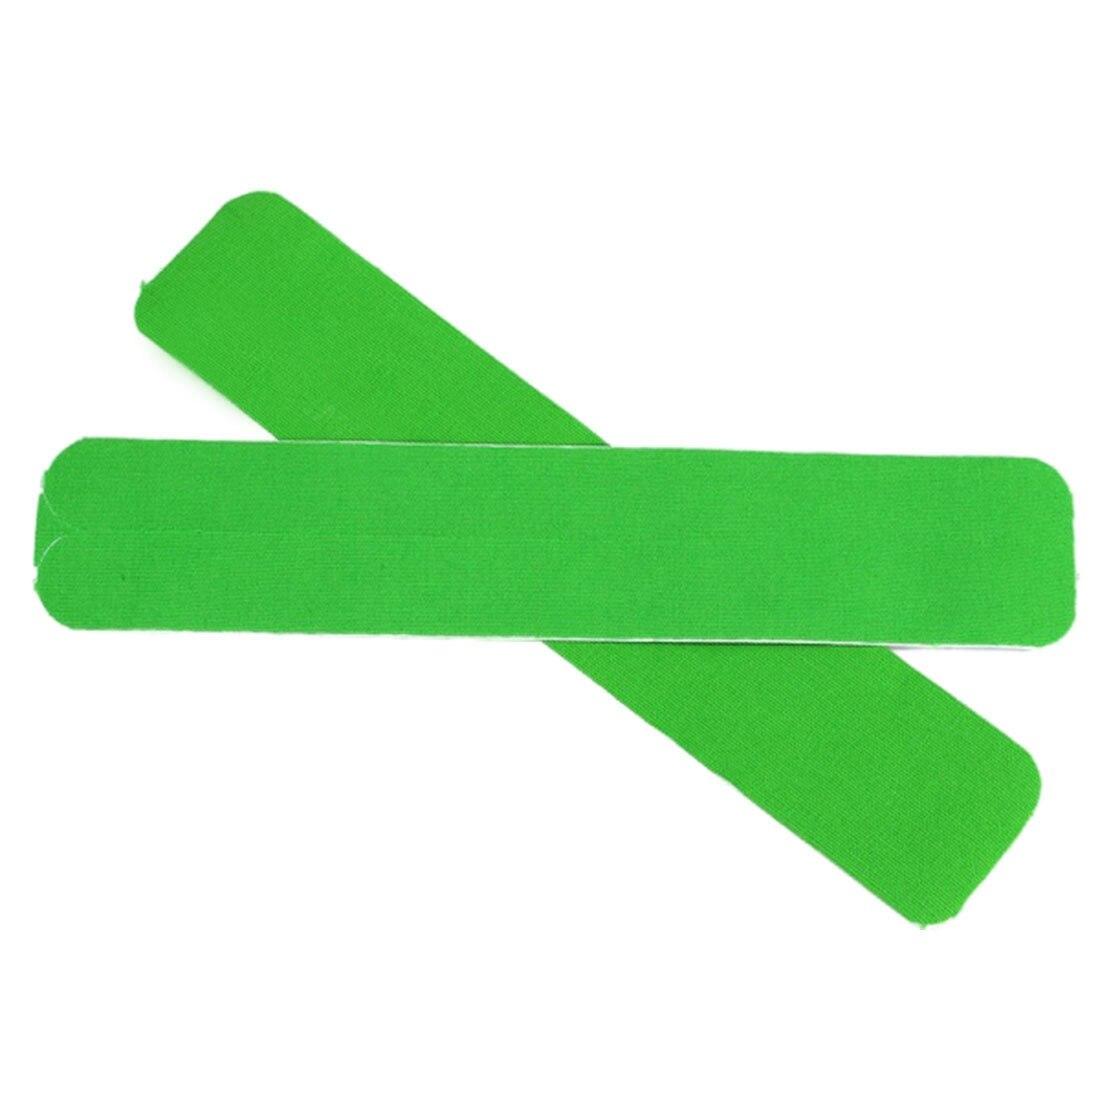 Новая распродажа КТ лента про химическое кинезиологии эластичная лента спортивных-боли и Поддержка зеленый